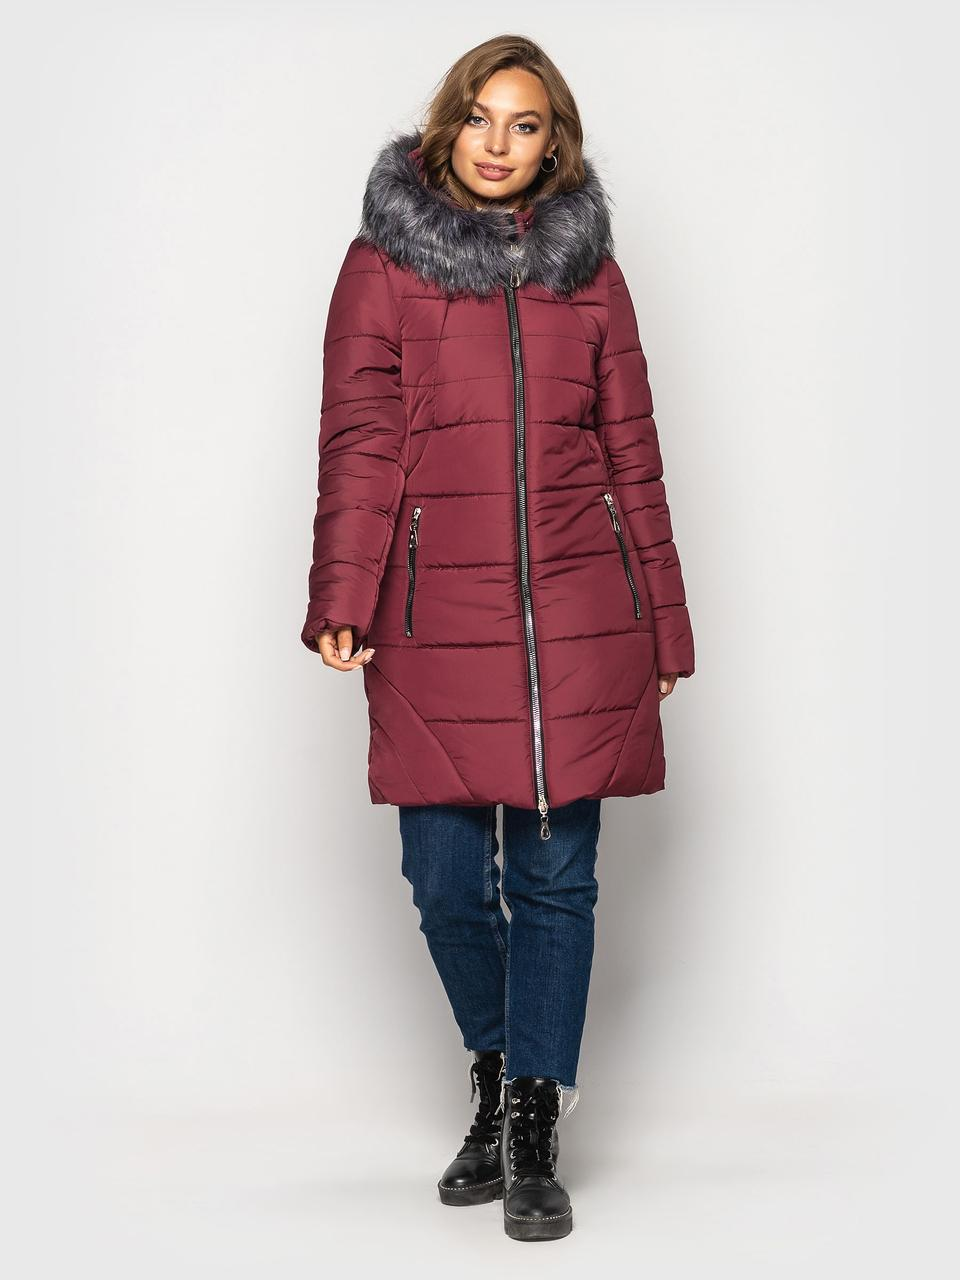 Зимняя куртка большого размера Розали бордовый(50-60)